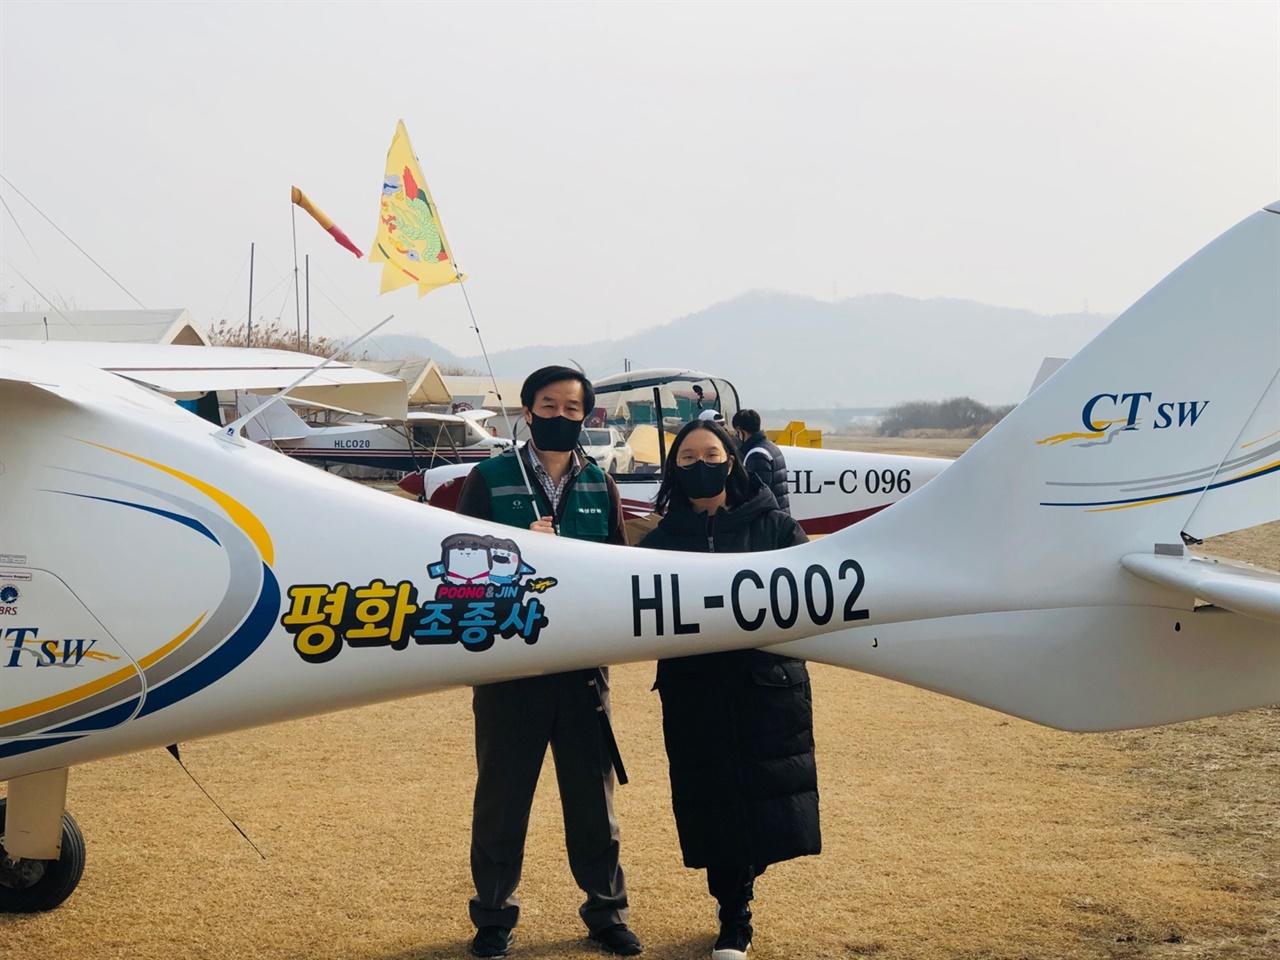 평화조종사 HL-C002호  한반도 최초 자주통일국가의 국기인 봉황기 와 함께 최연소 17세 민지혜 항법사와 함께